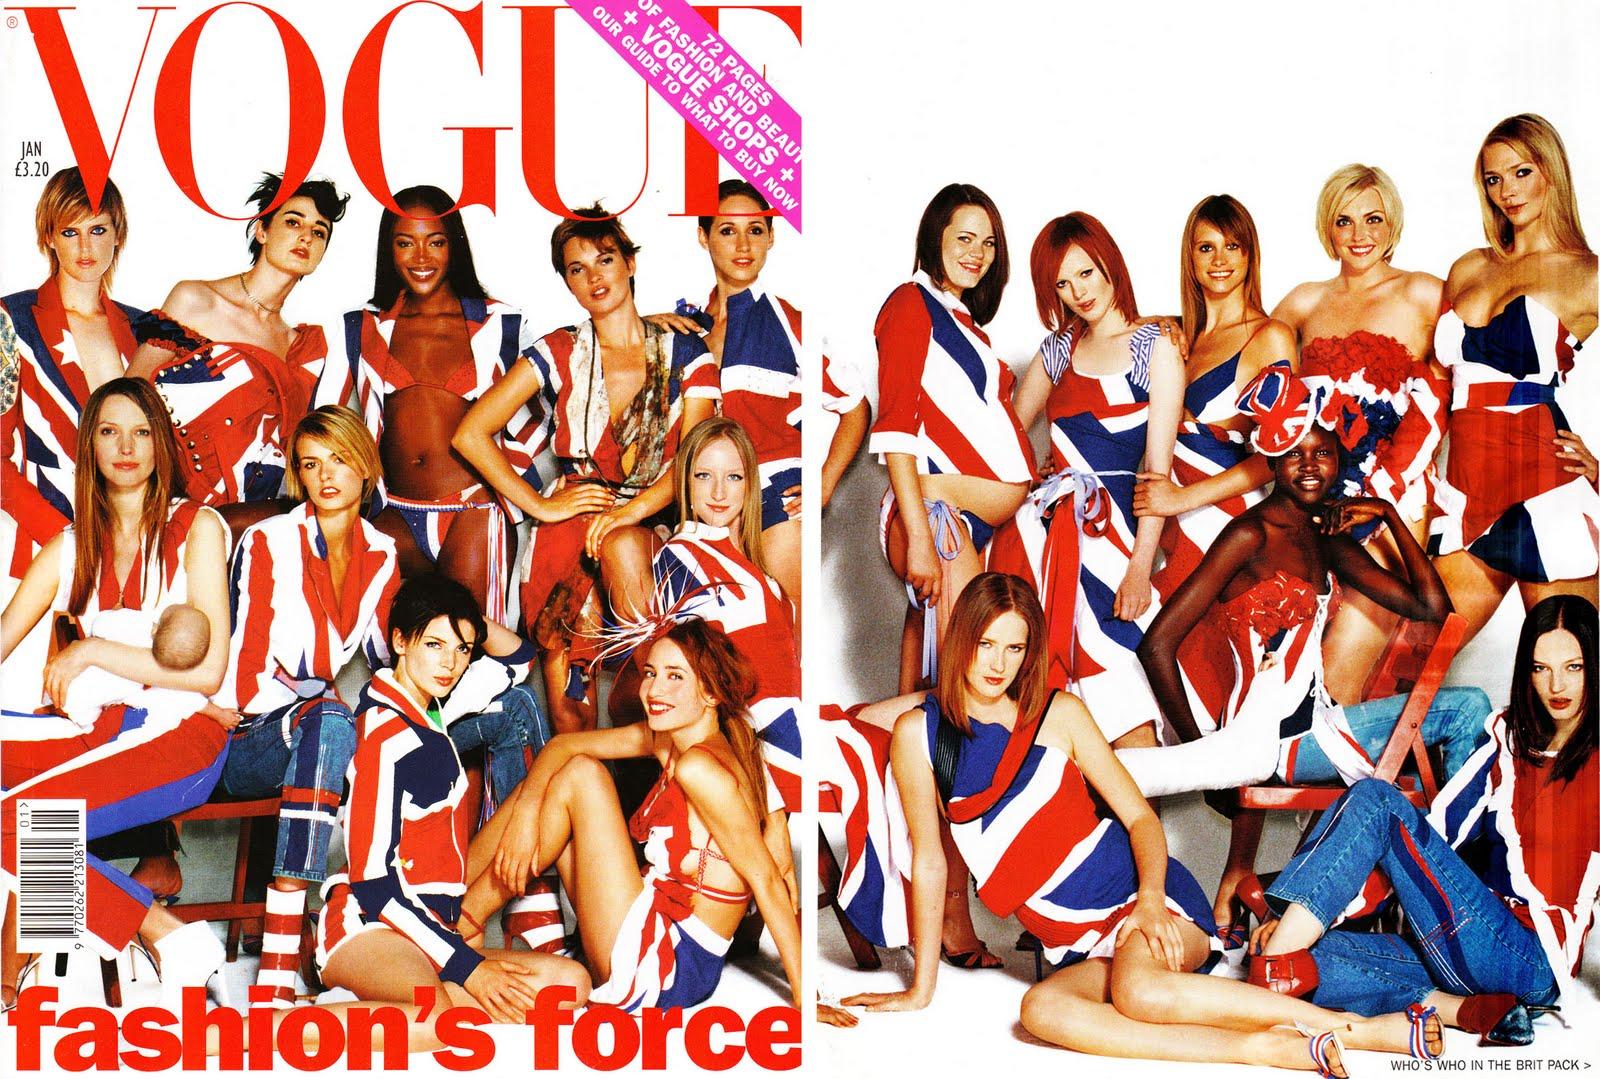 Las portadas grupales de Vogue